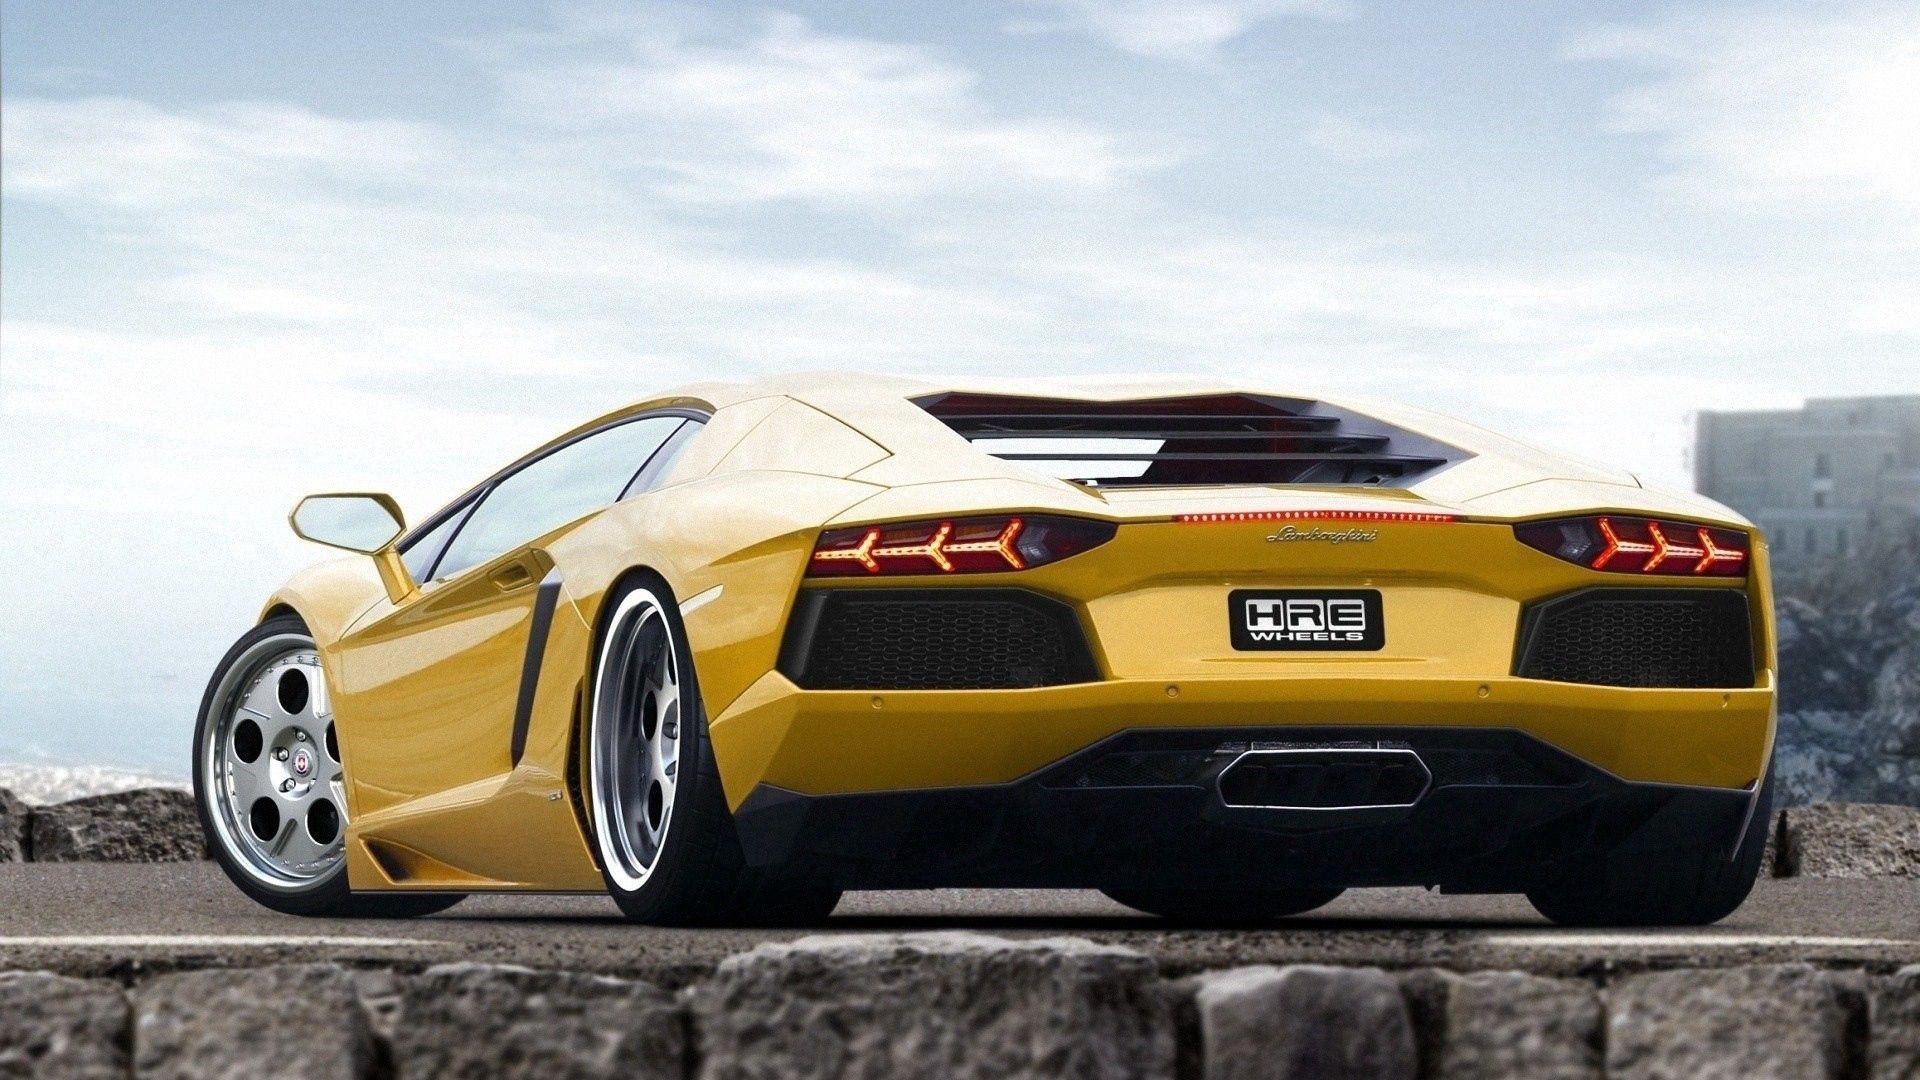 68899 téléchargez gratuitement des fonds d'écran Jaune pour votre téléphone, des images Voitures, Style, Sport, Lamborghini Jaune et des économiseurs d'écran pour votre mobile